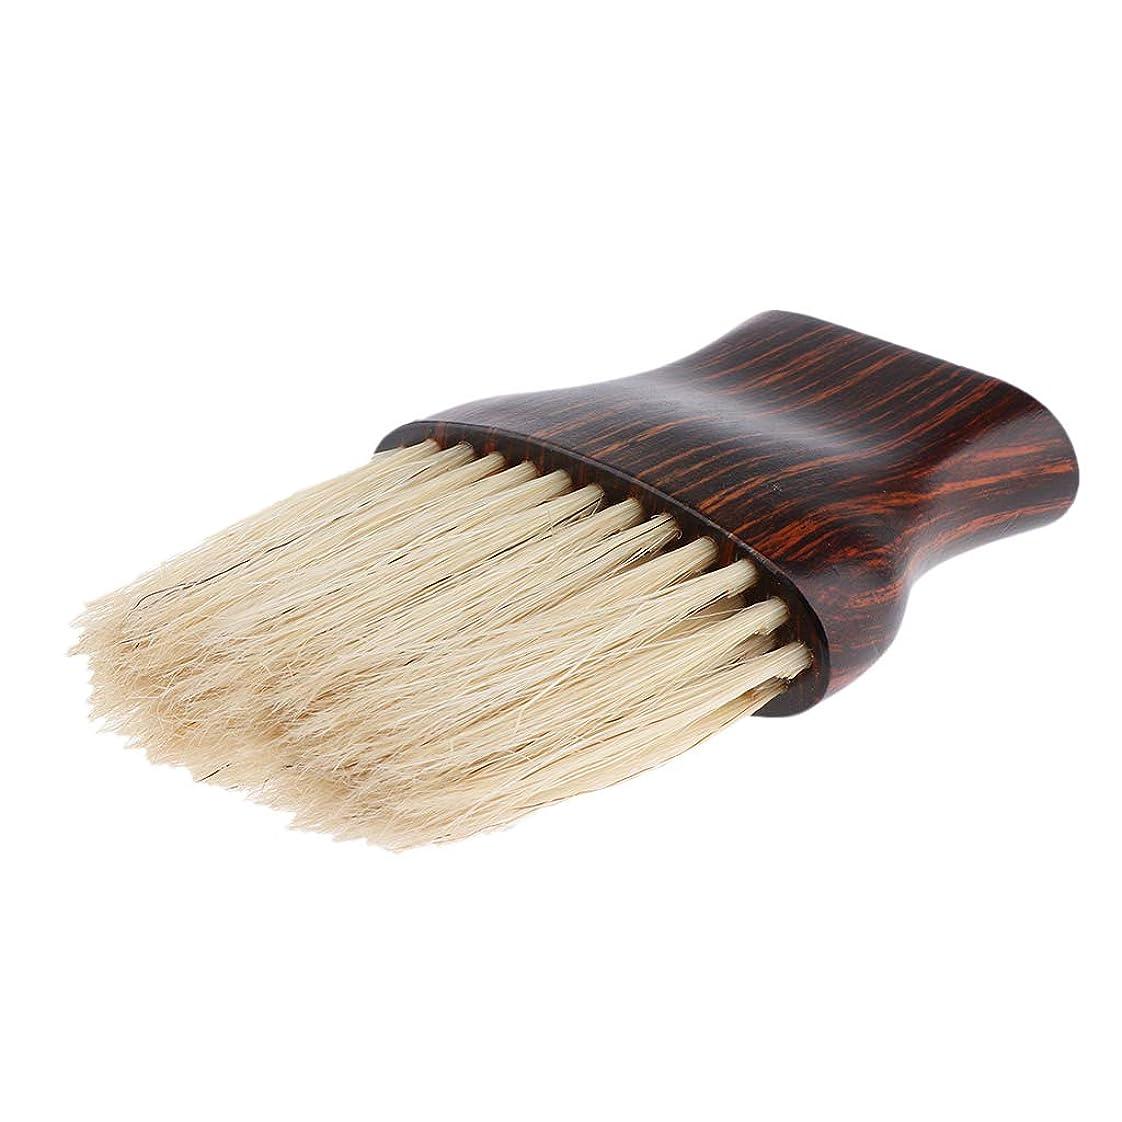 仲介者愛情地図CUTICATE ヘアカットブラシ ネックダスタークリーニング ヘアブラシ 理髪師理髪ツール